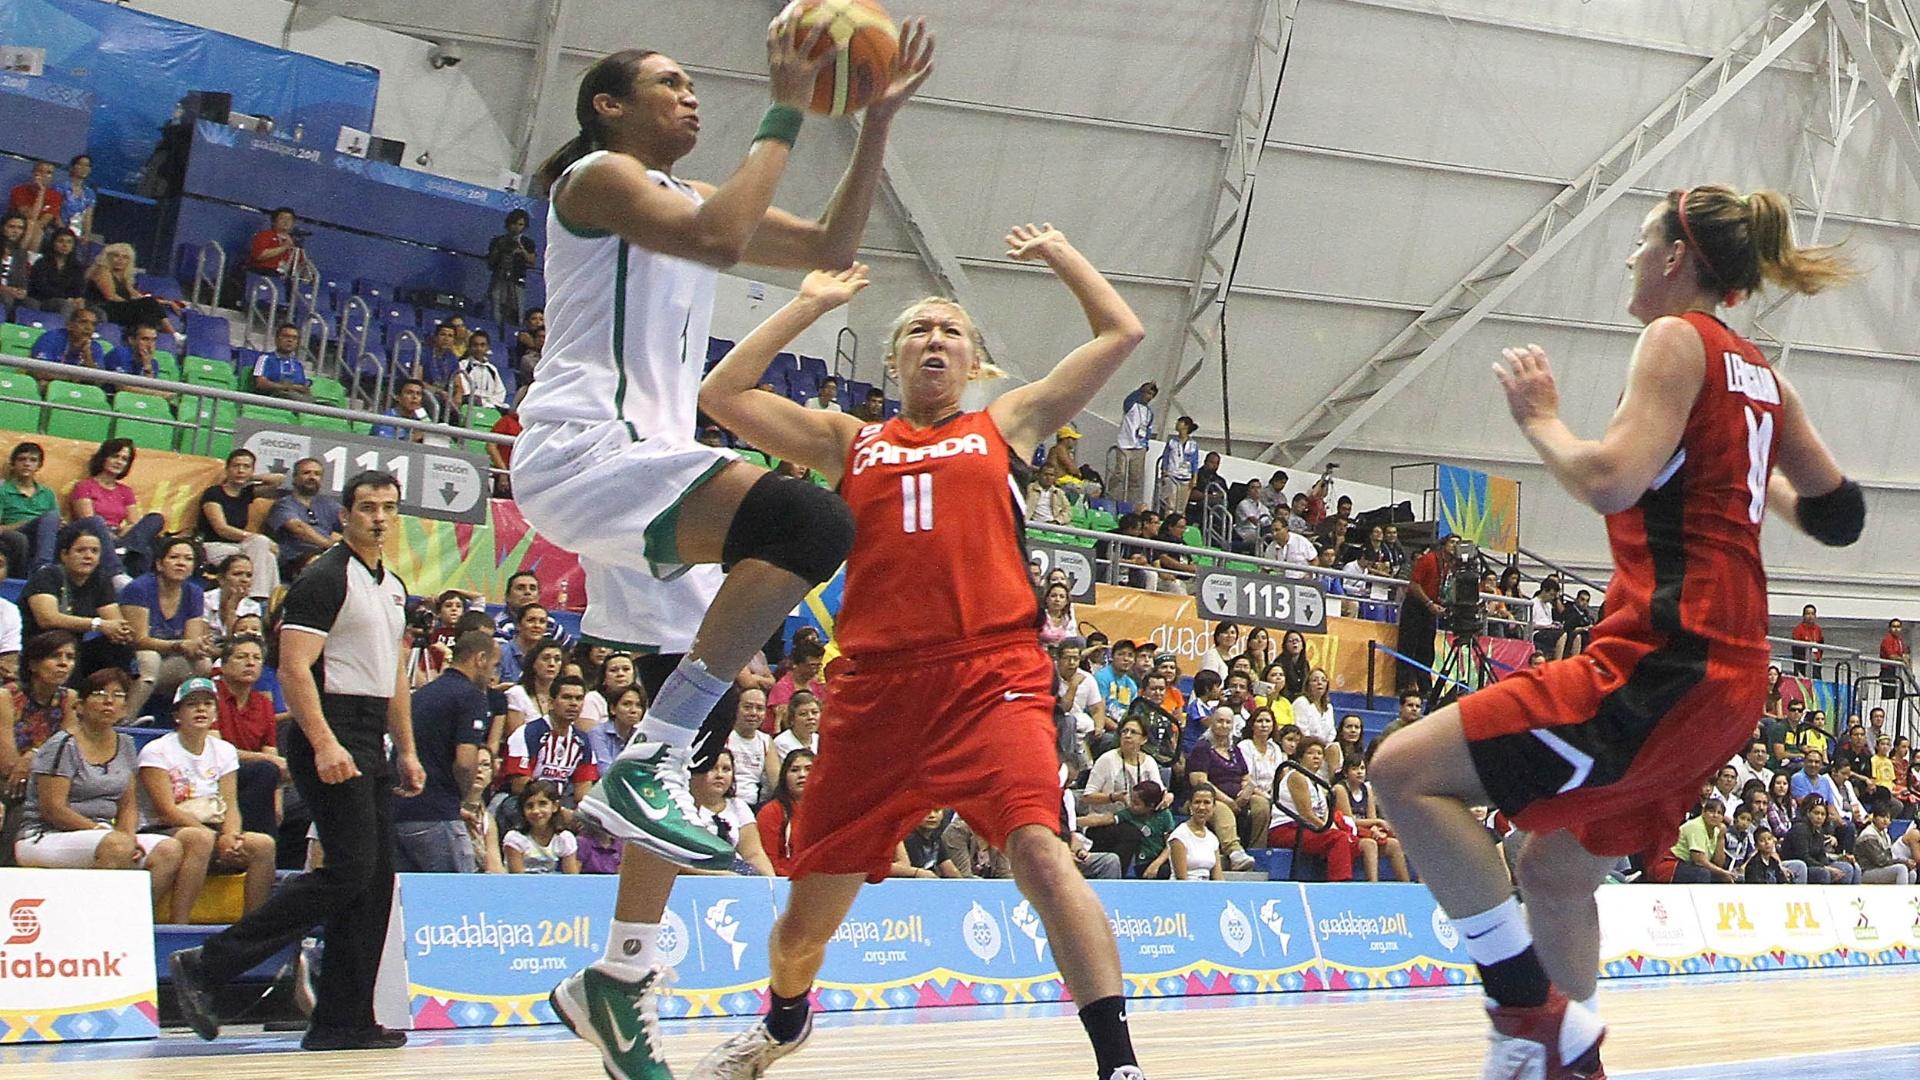 Iziane salta para arremessar em seu retorno à seleção brasileira com vitória sobre o Canadá por 78 a 53 na estreia pelo Pan (21/10/2011)